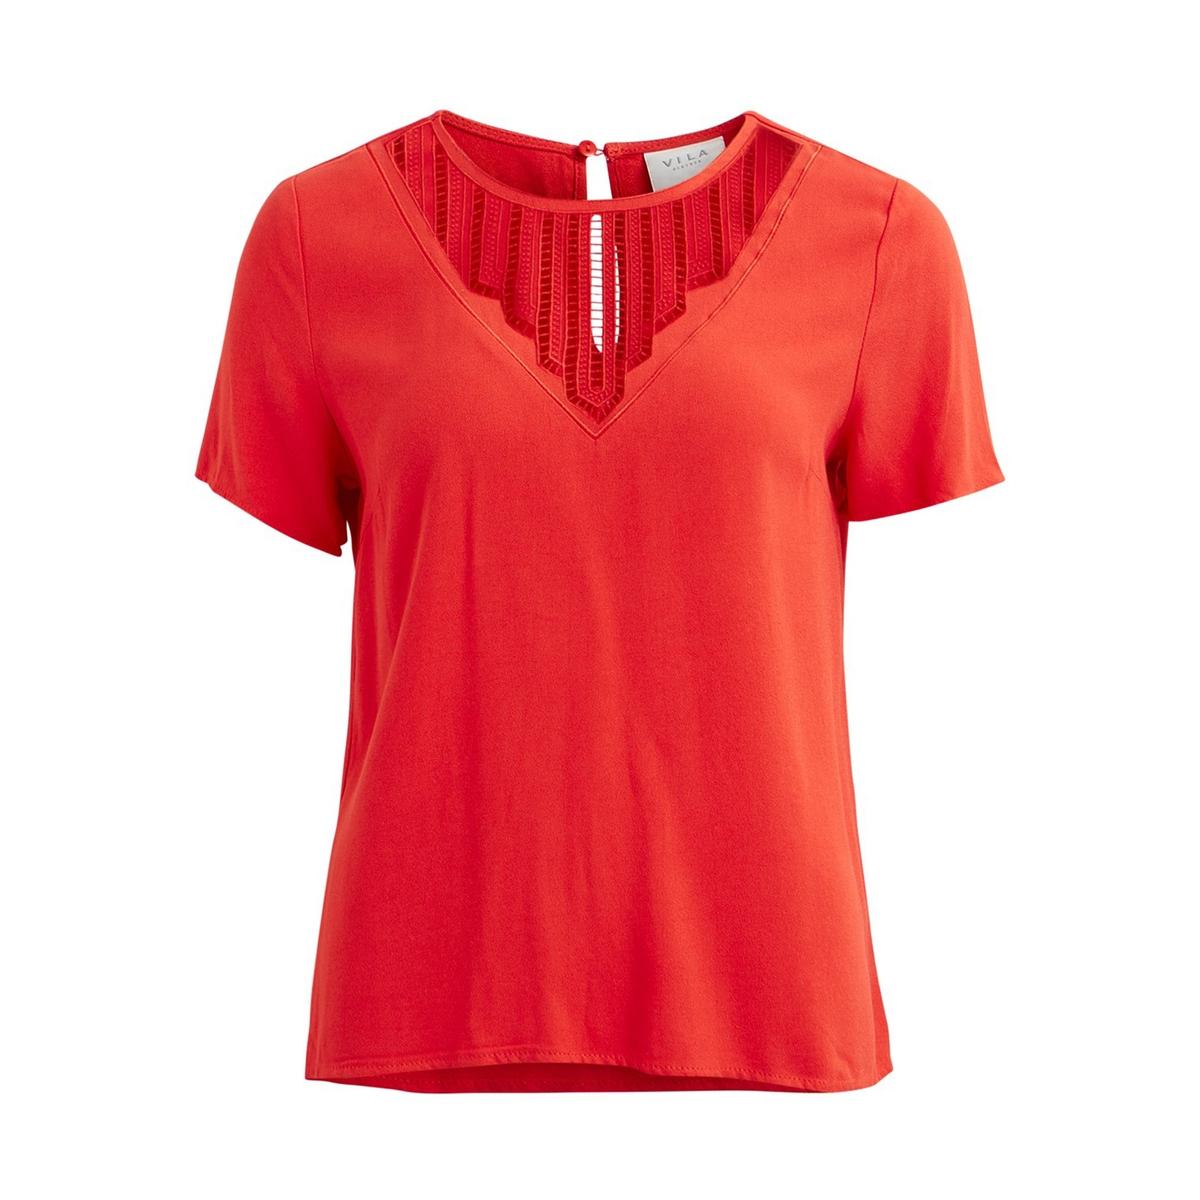 Блузка La Redoute С V-образным вырезом из кружева и короткими рукавами Vibeauty 34 (FR) - 40 (RUS) красный блузка la redoute однотонная с v образным вырезом и короткими рукавами 34 fr 40 rus желтый